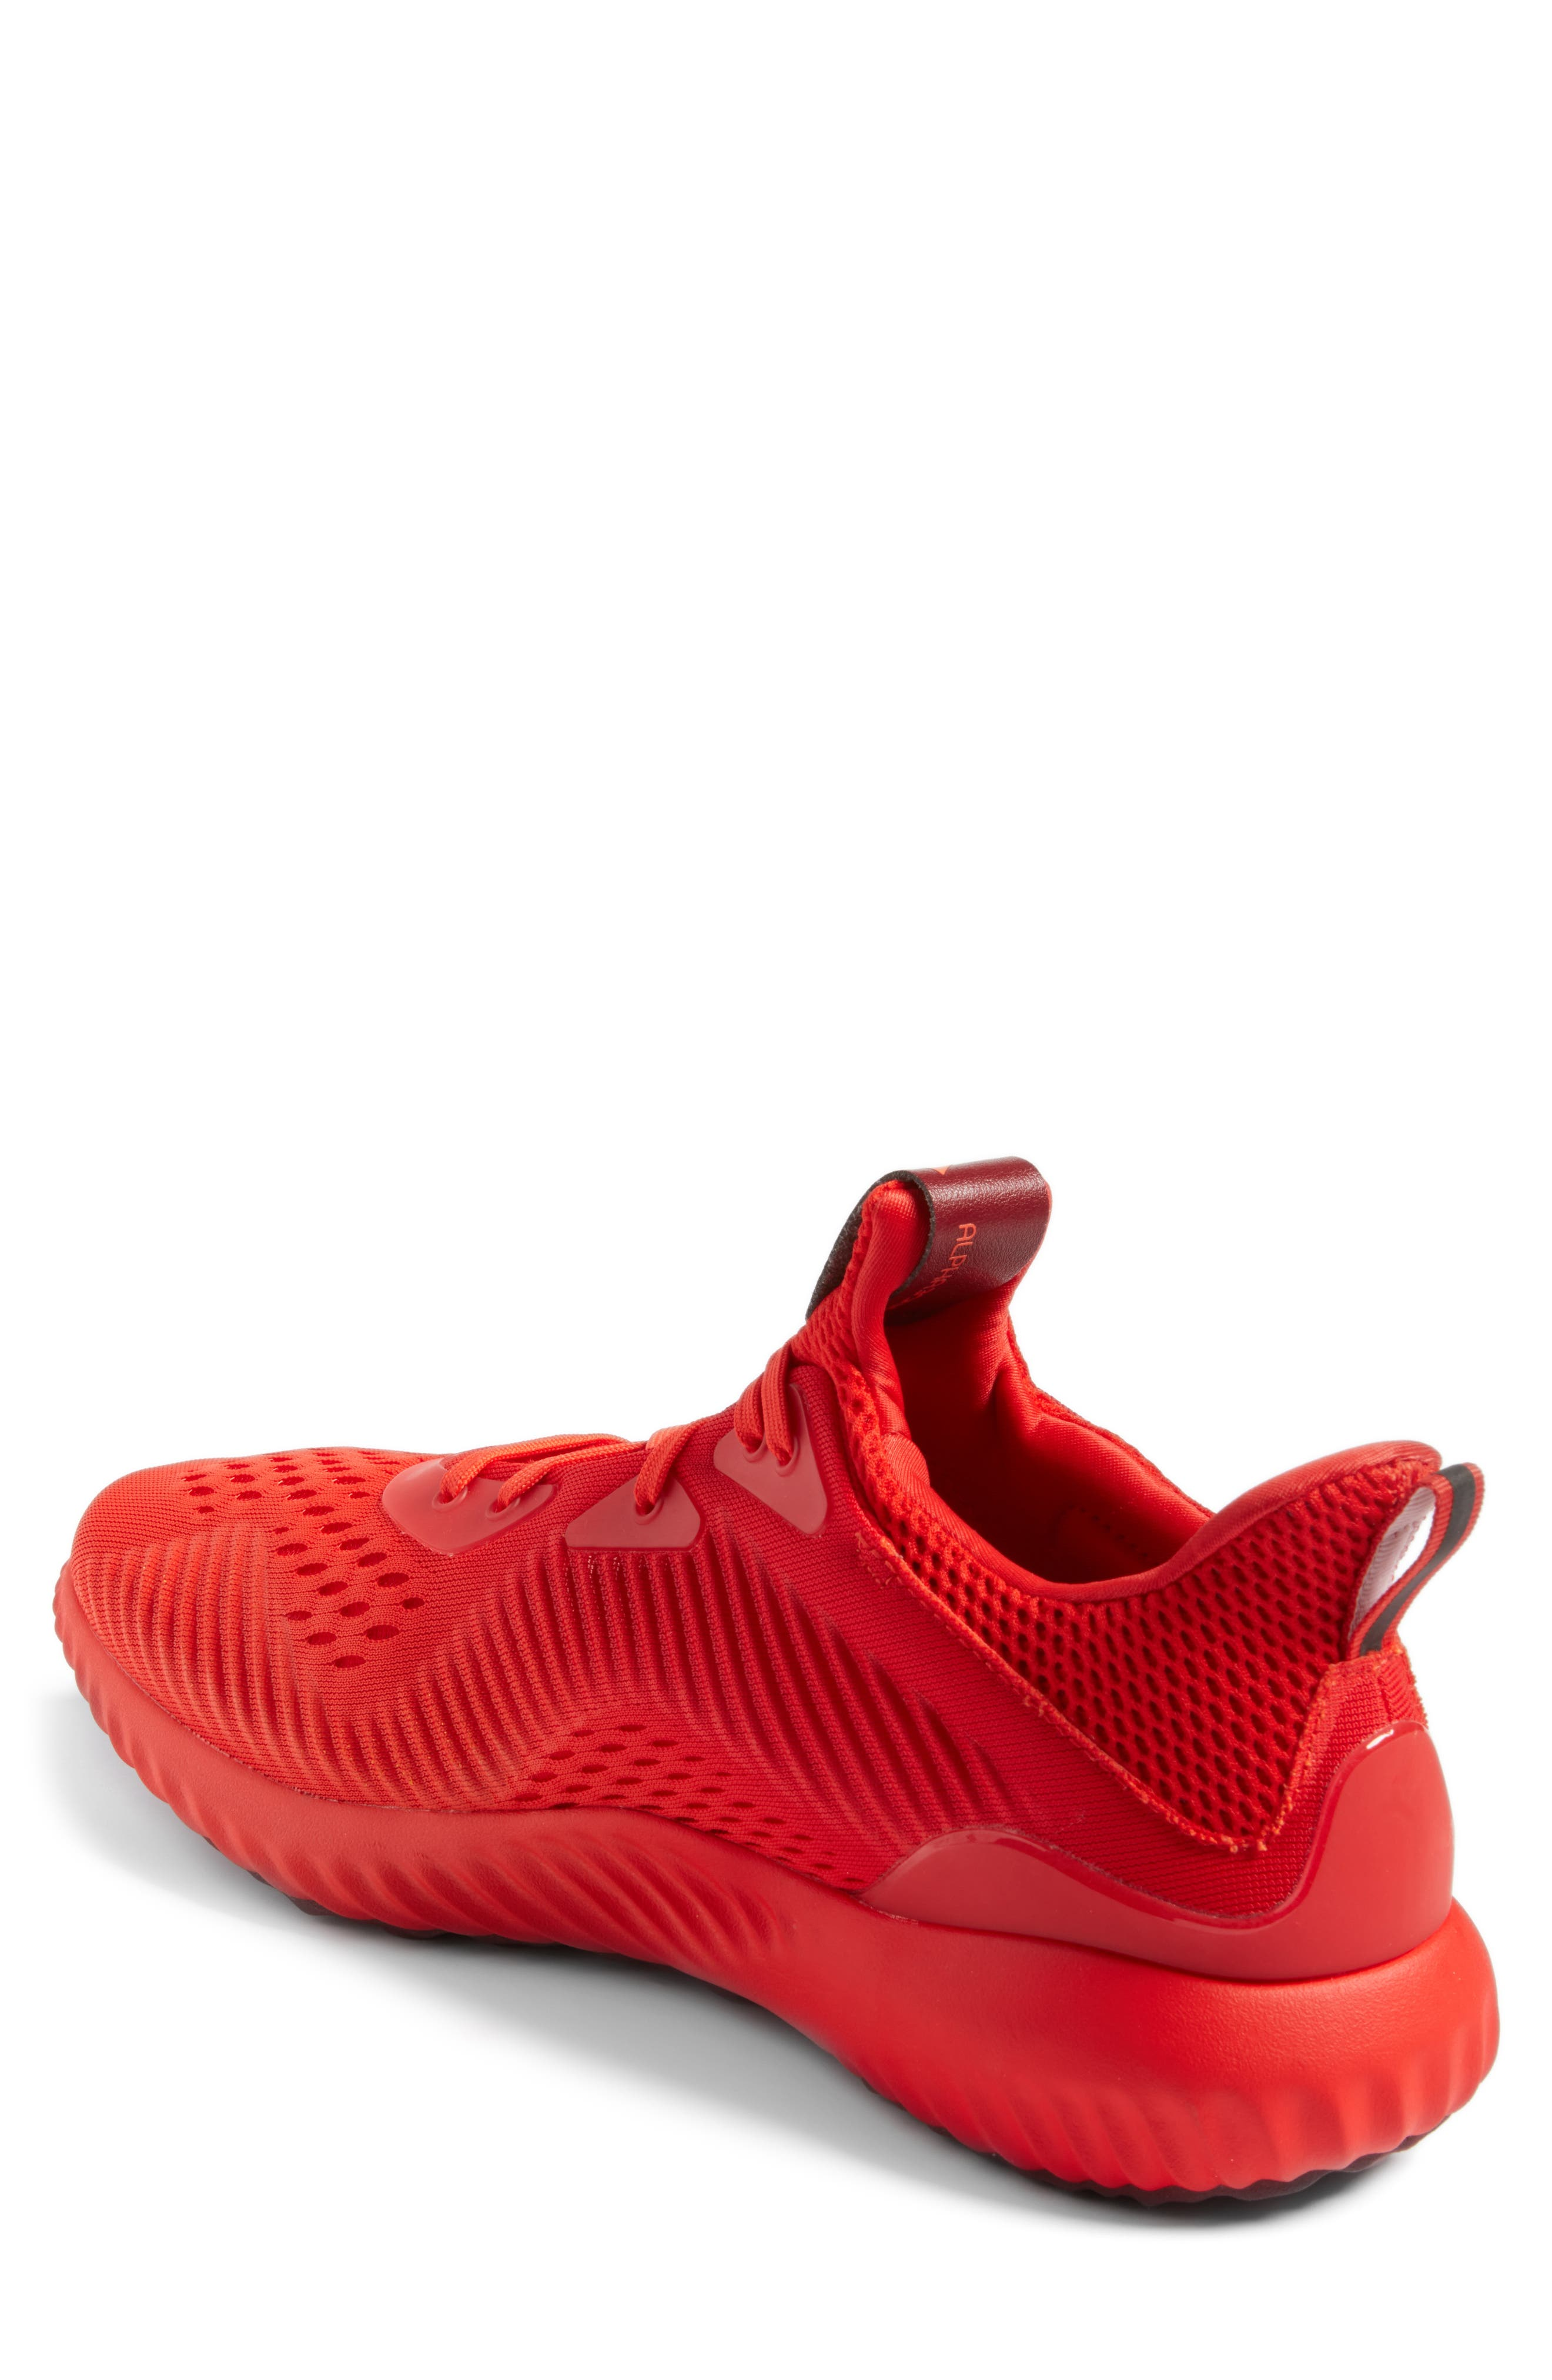 AlphaBounce Running Shoe,                             Alternate thumbnail 2, color,                             Blaze Orange/Red/Burgundy